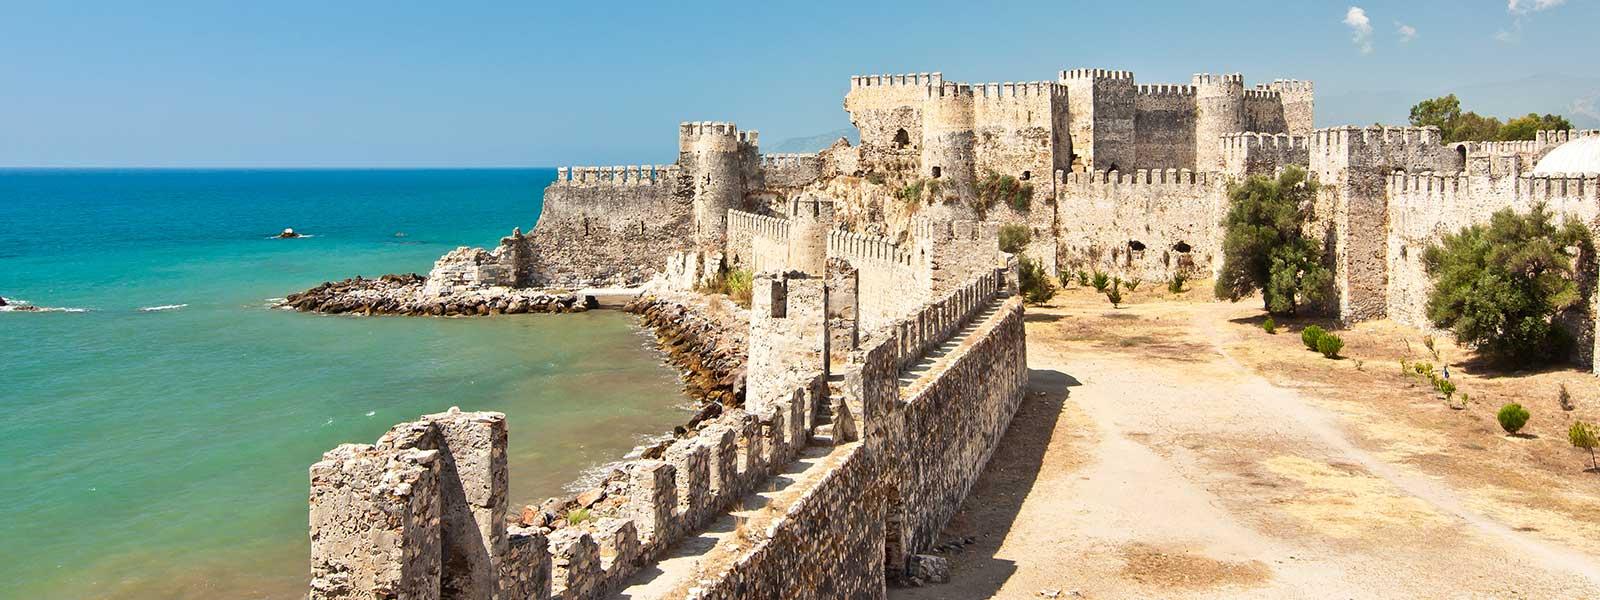 Anamur Mamure Castle Turkey